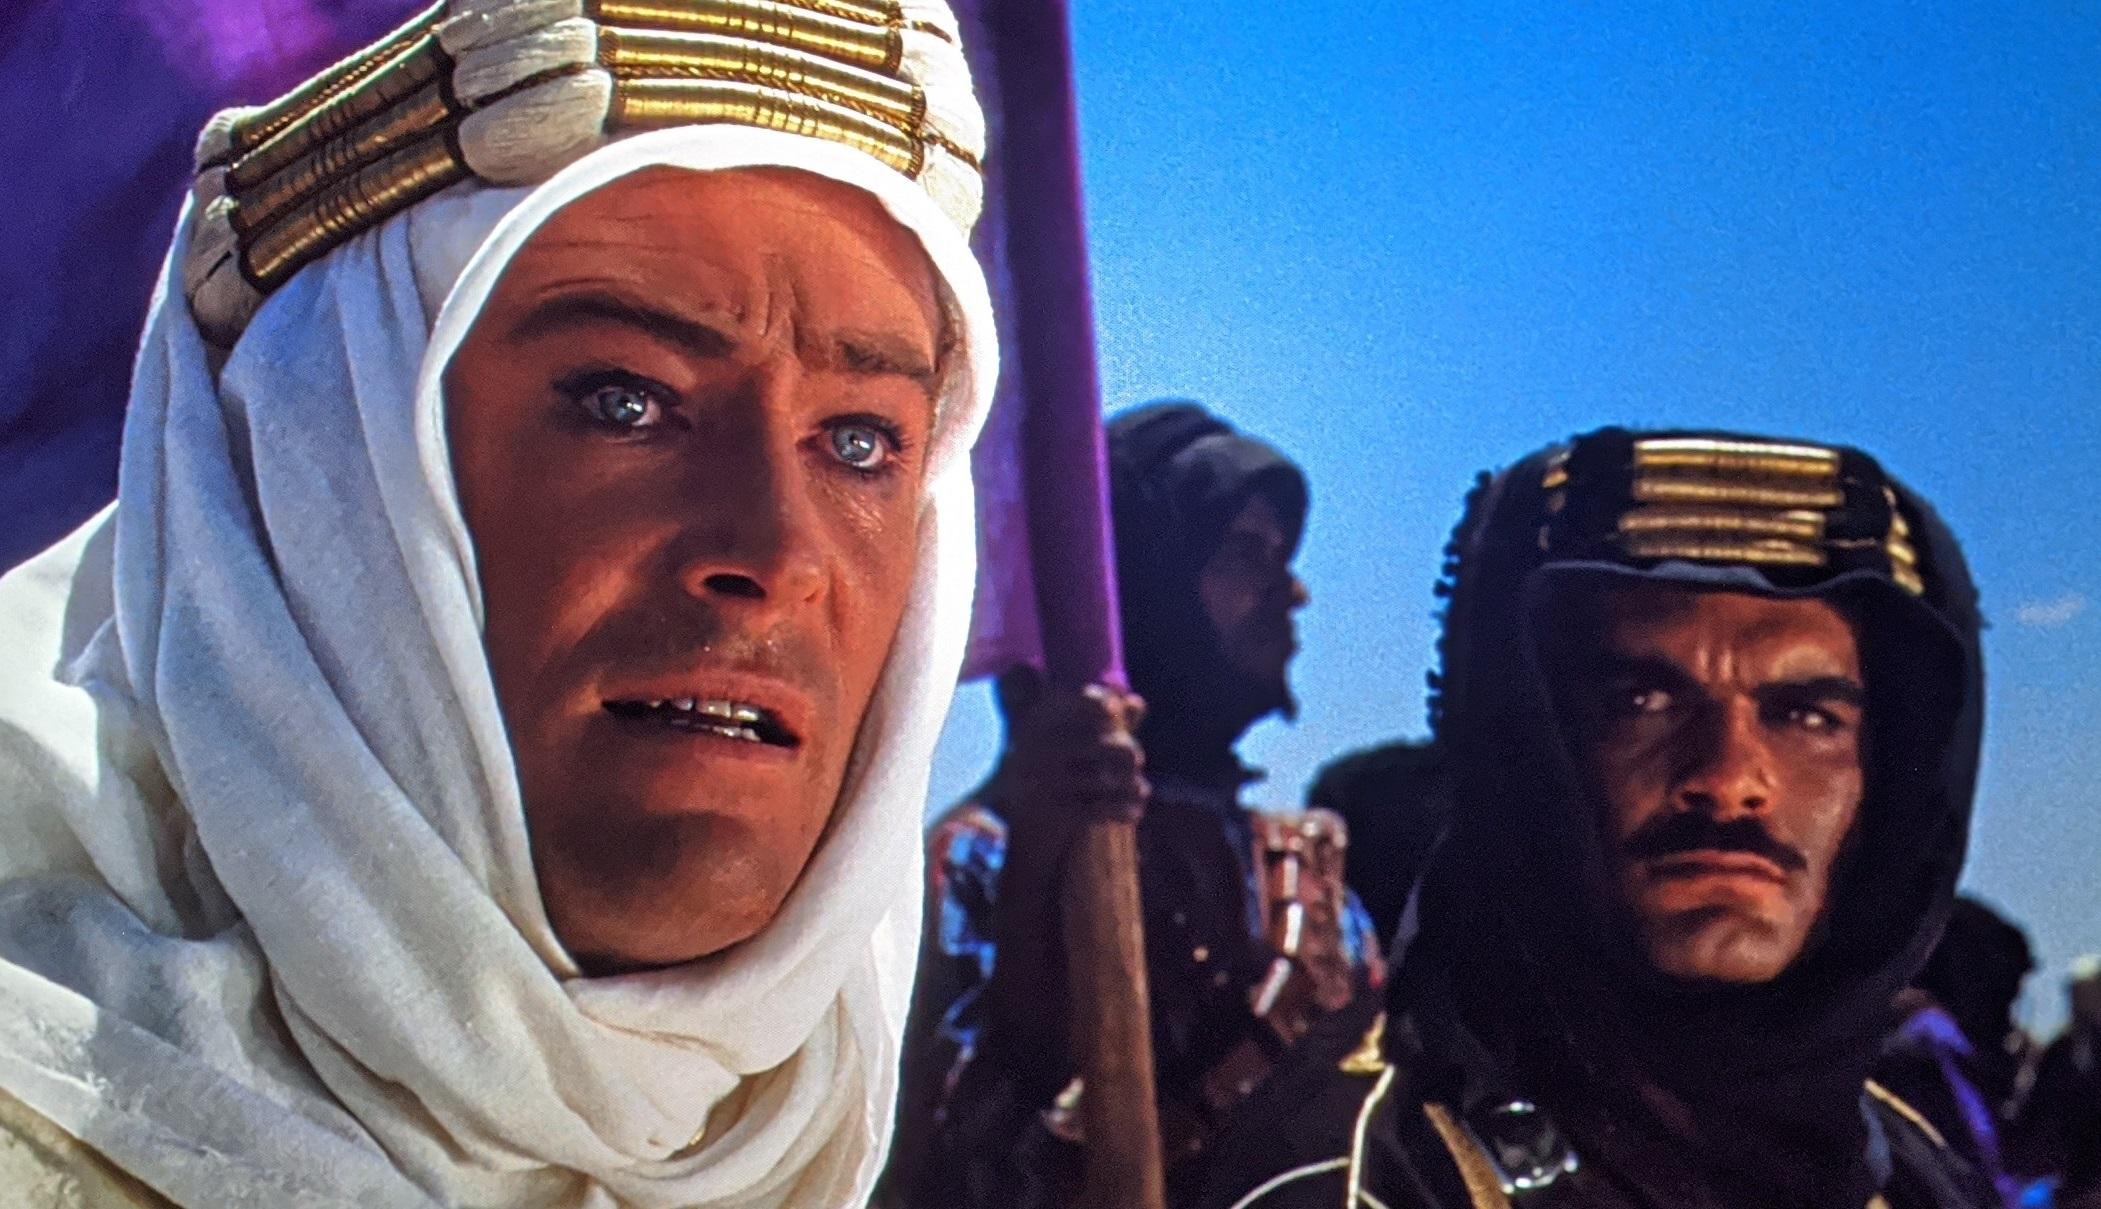 1962, cel mai bun an din istoria cinematografului?